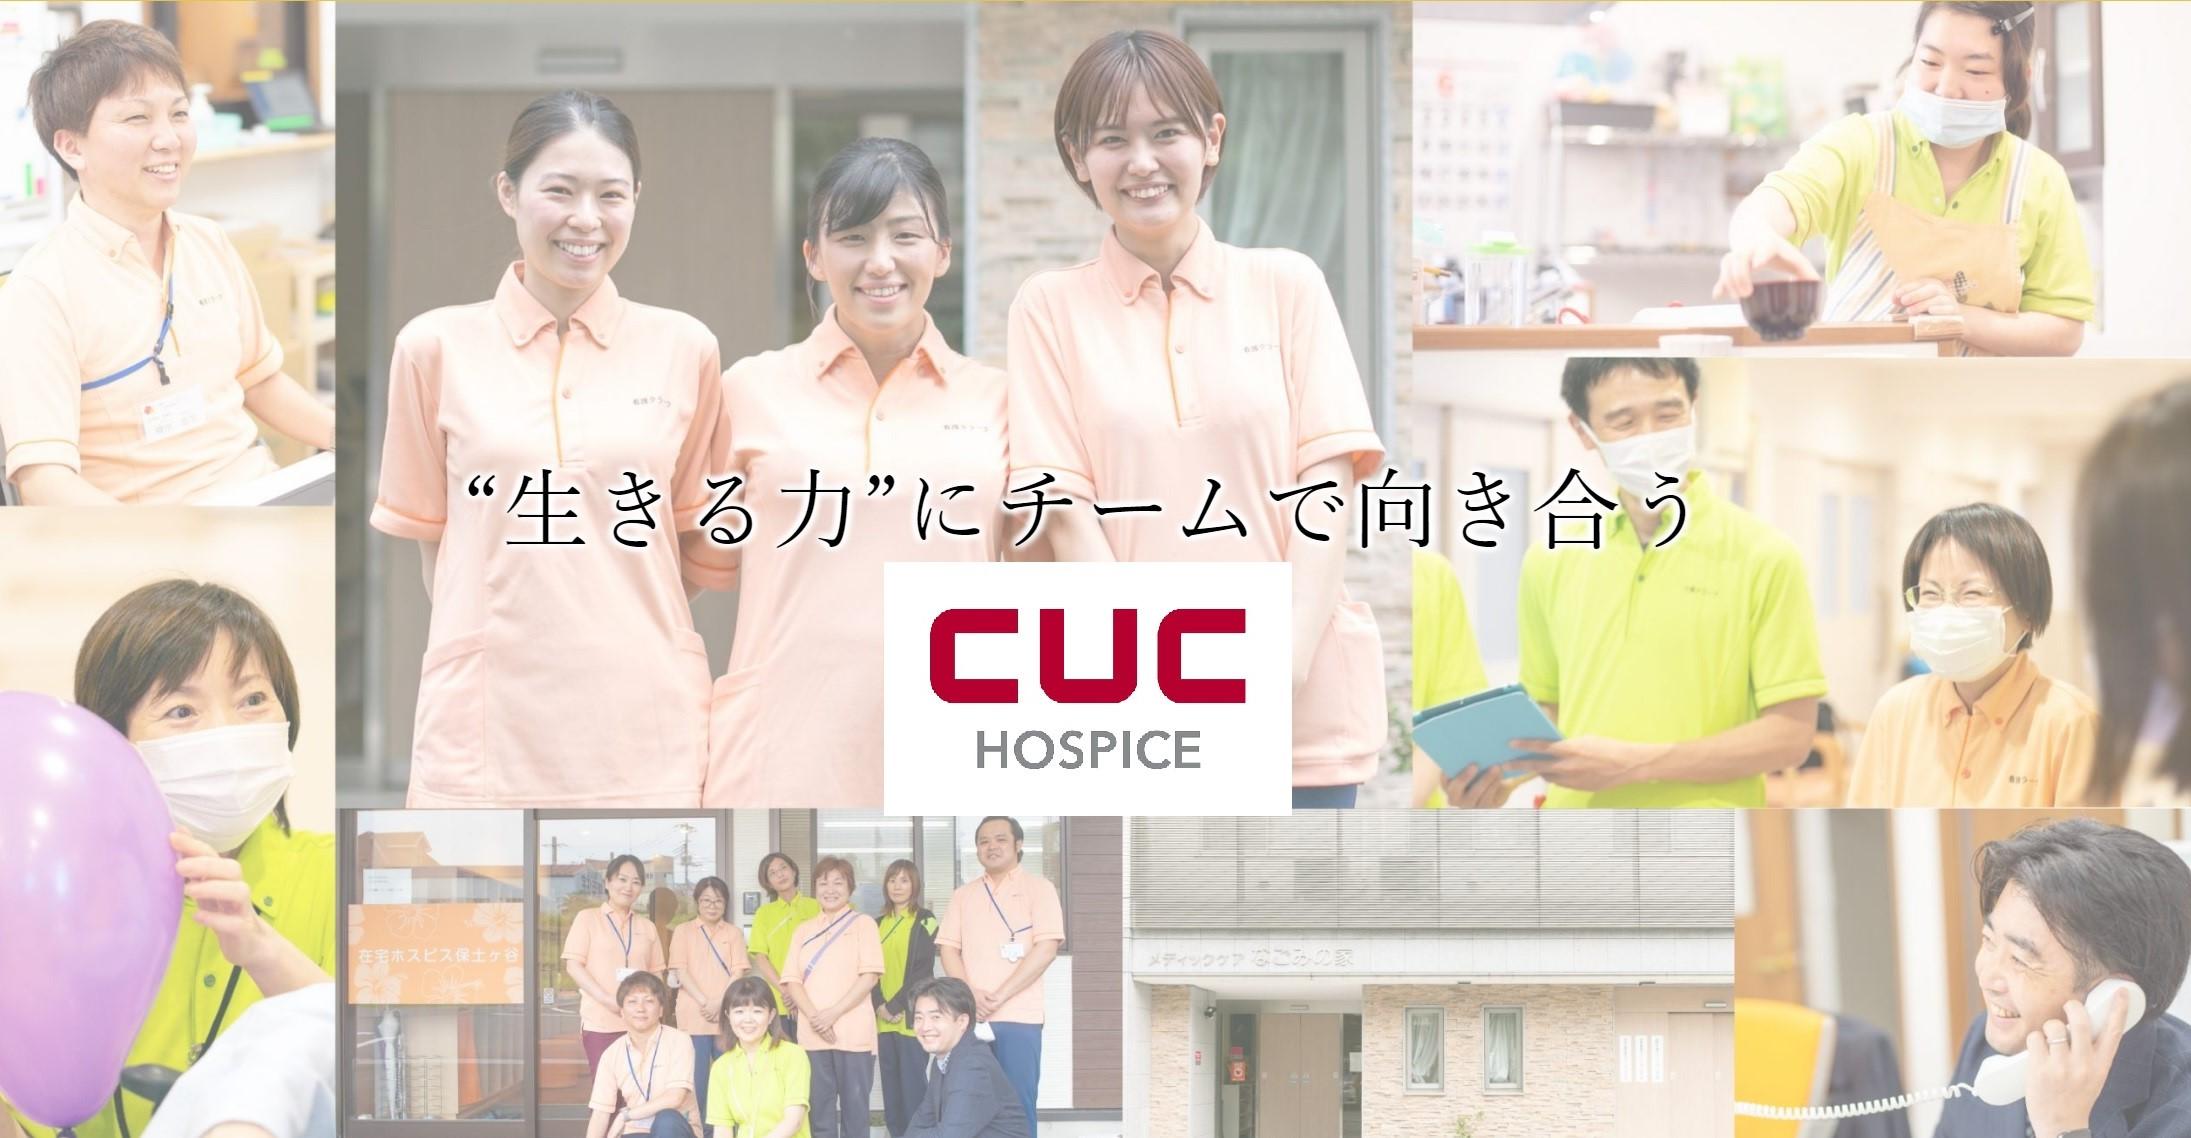 【正社員】<正看護師>2021年9月新規オープン!在宅ホスピスの看護管理者の募集!管理職経験不問! イメージ